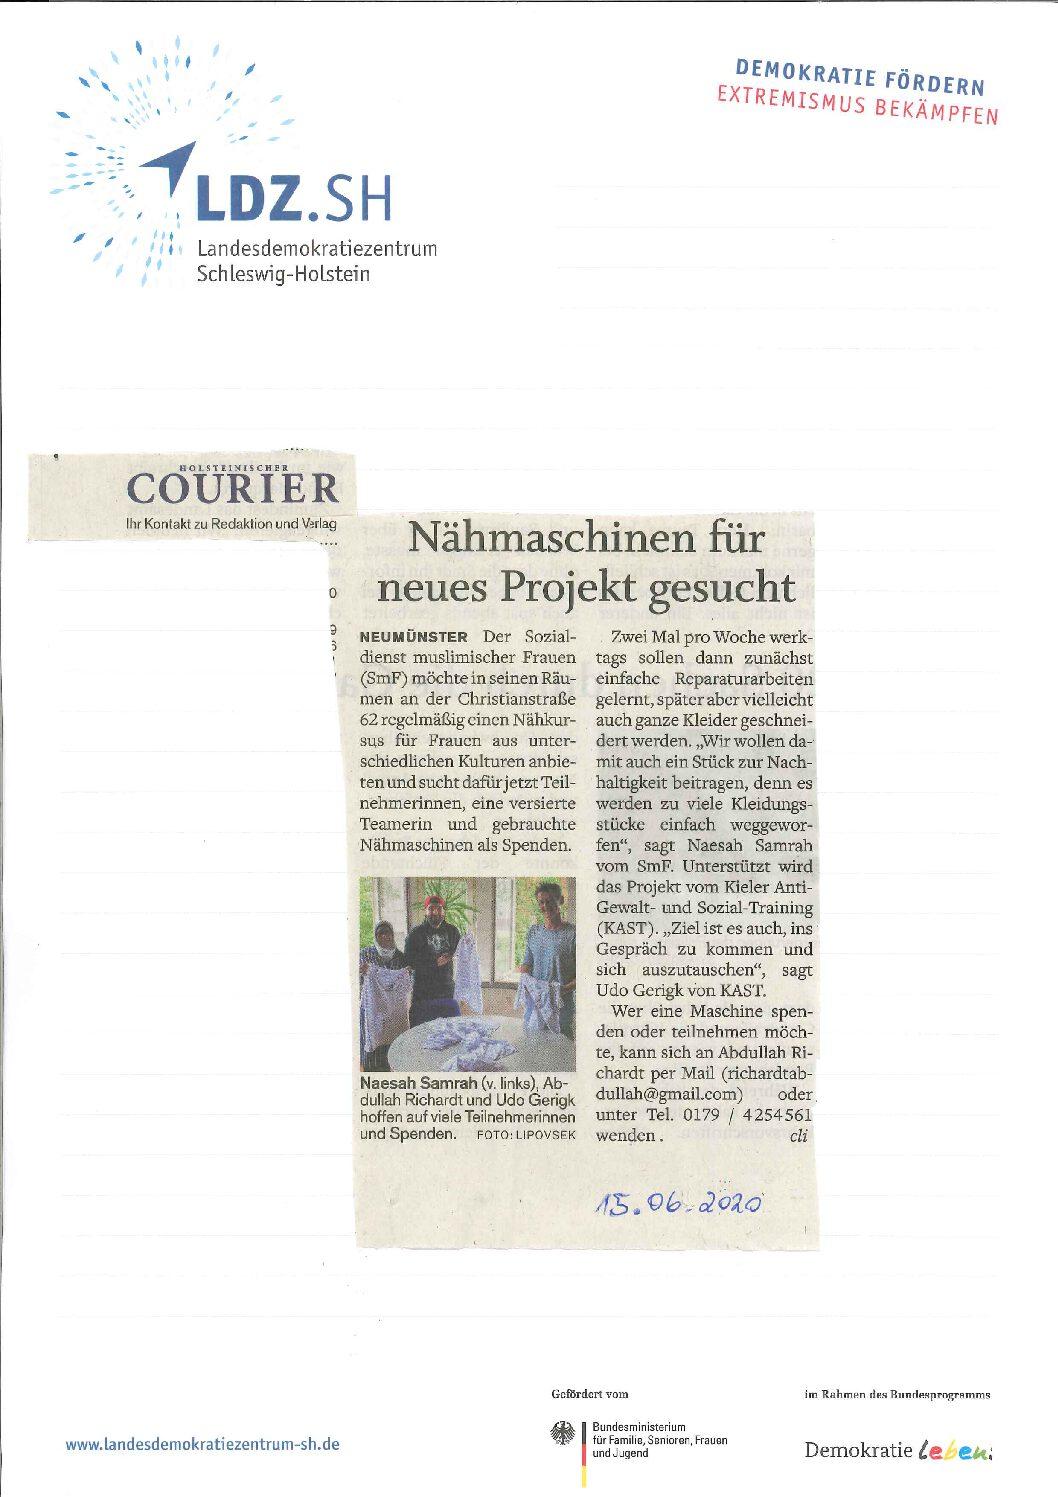 Zeitungsartikel: PORT unterstützt den Sozialdienst muslimischer Frauen für ein interkulturelles Nähprojekt